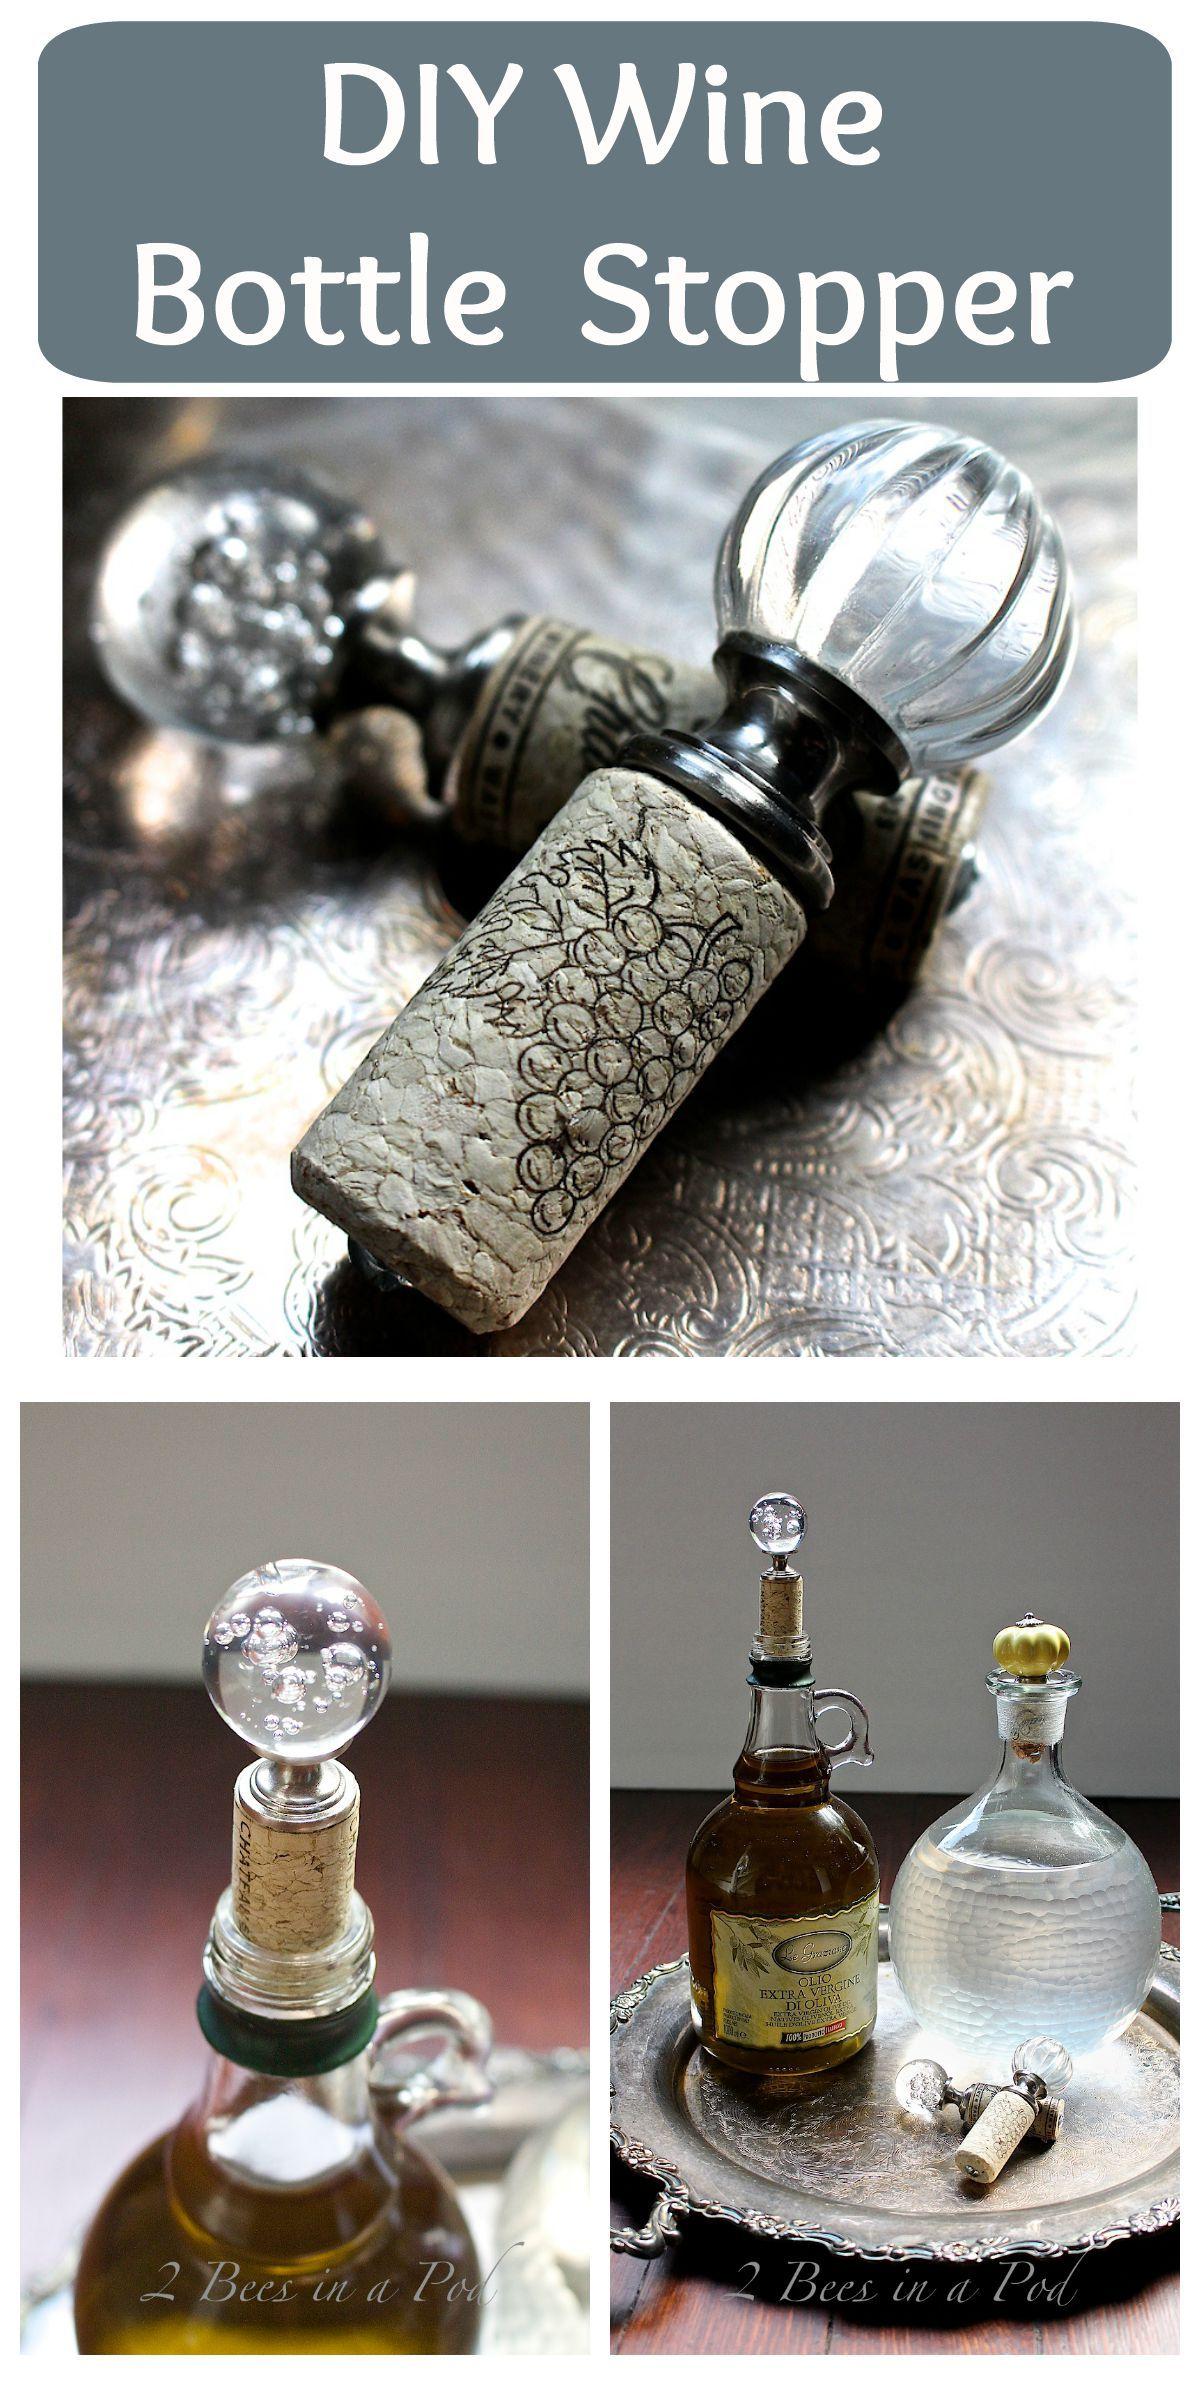 Diy Wine Bottle Stopper 2 Bees In A Pod Wine Bottle Diy Wine Bottle Stoppers Wine Bottle Crafts